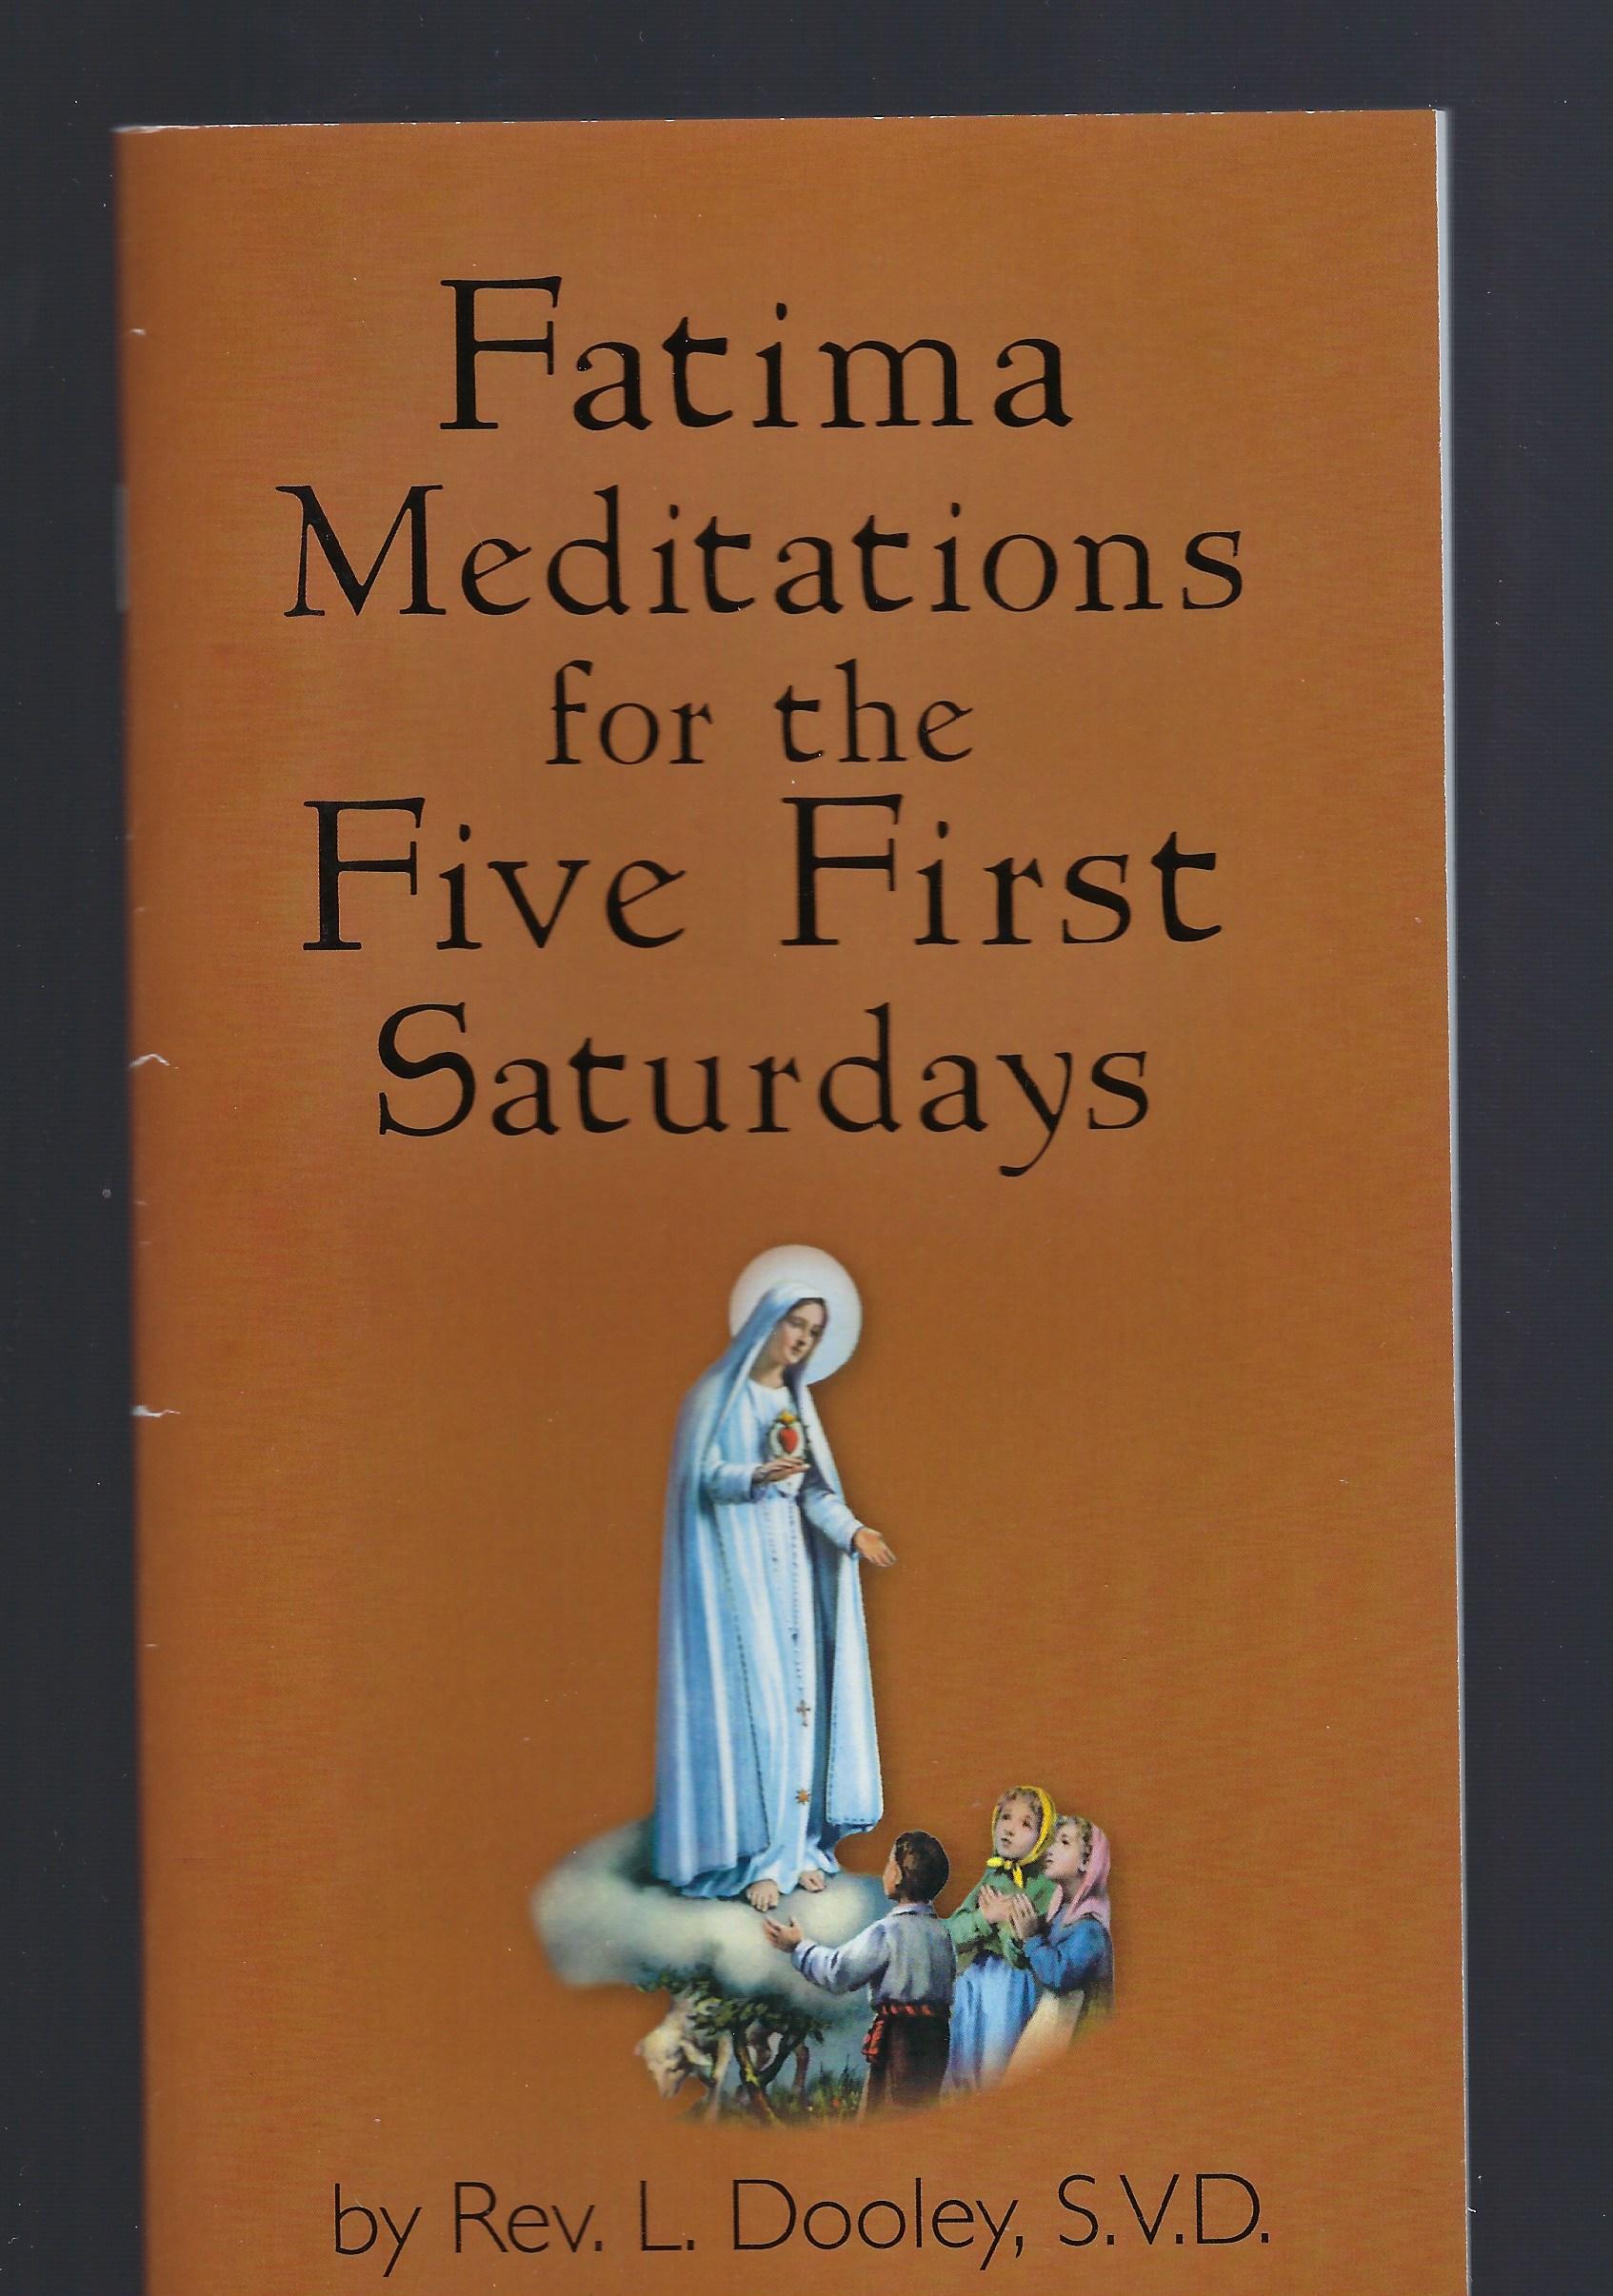 Fatima Meditations for the Five First Saturdays, Rev. L. Dooley, S.V.D.